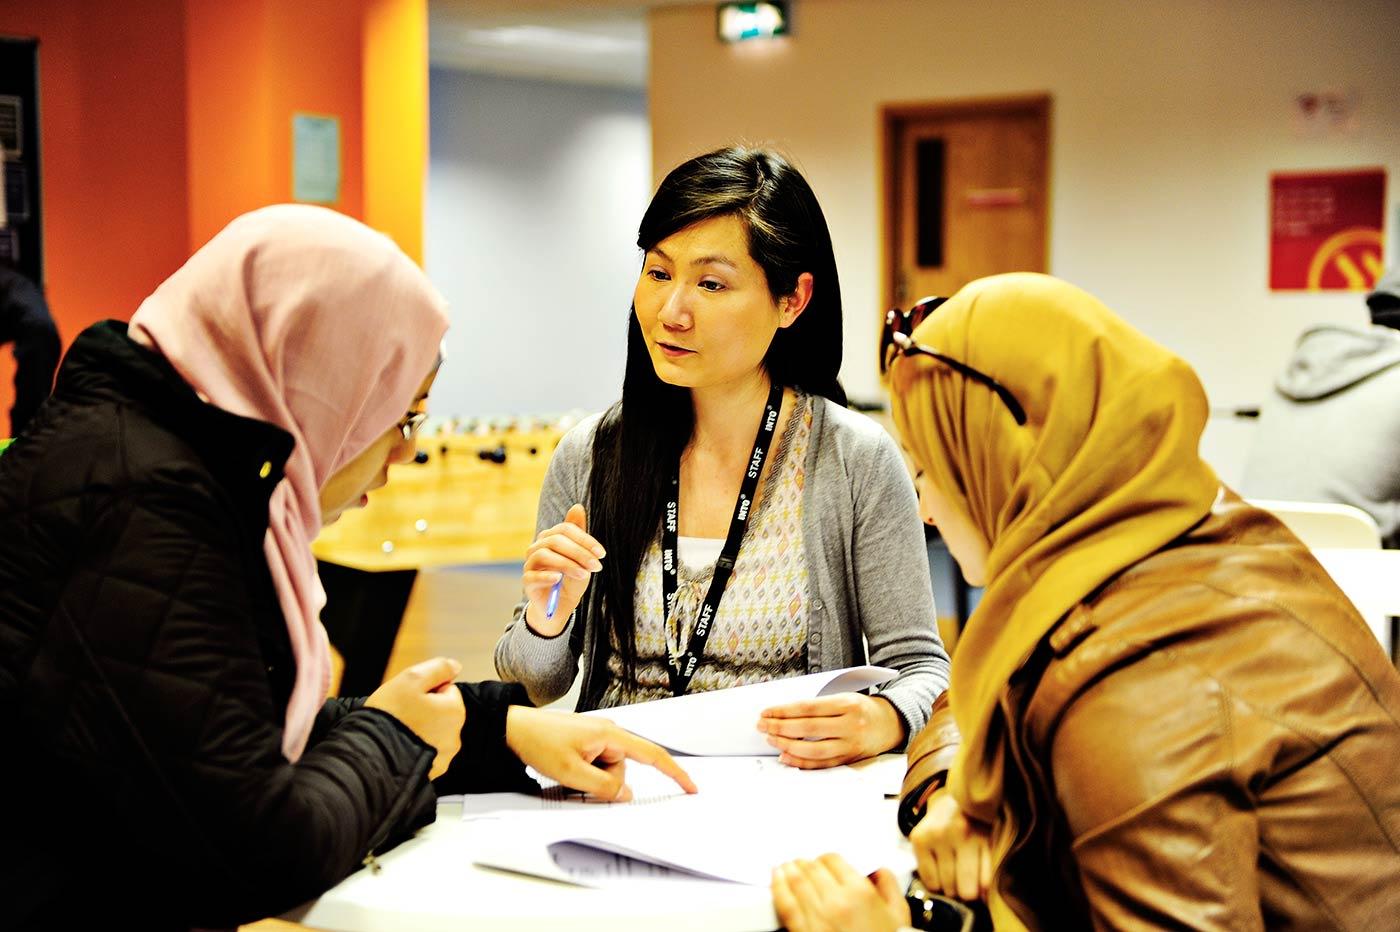 يمكنك الاستفادة من ورش العمل أو الحصول على مساعدة شخصية لتجديد تأشيرتك